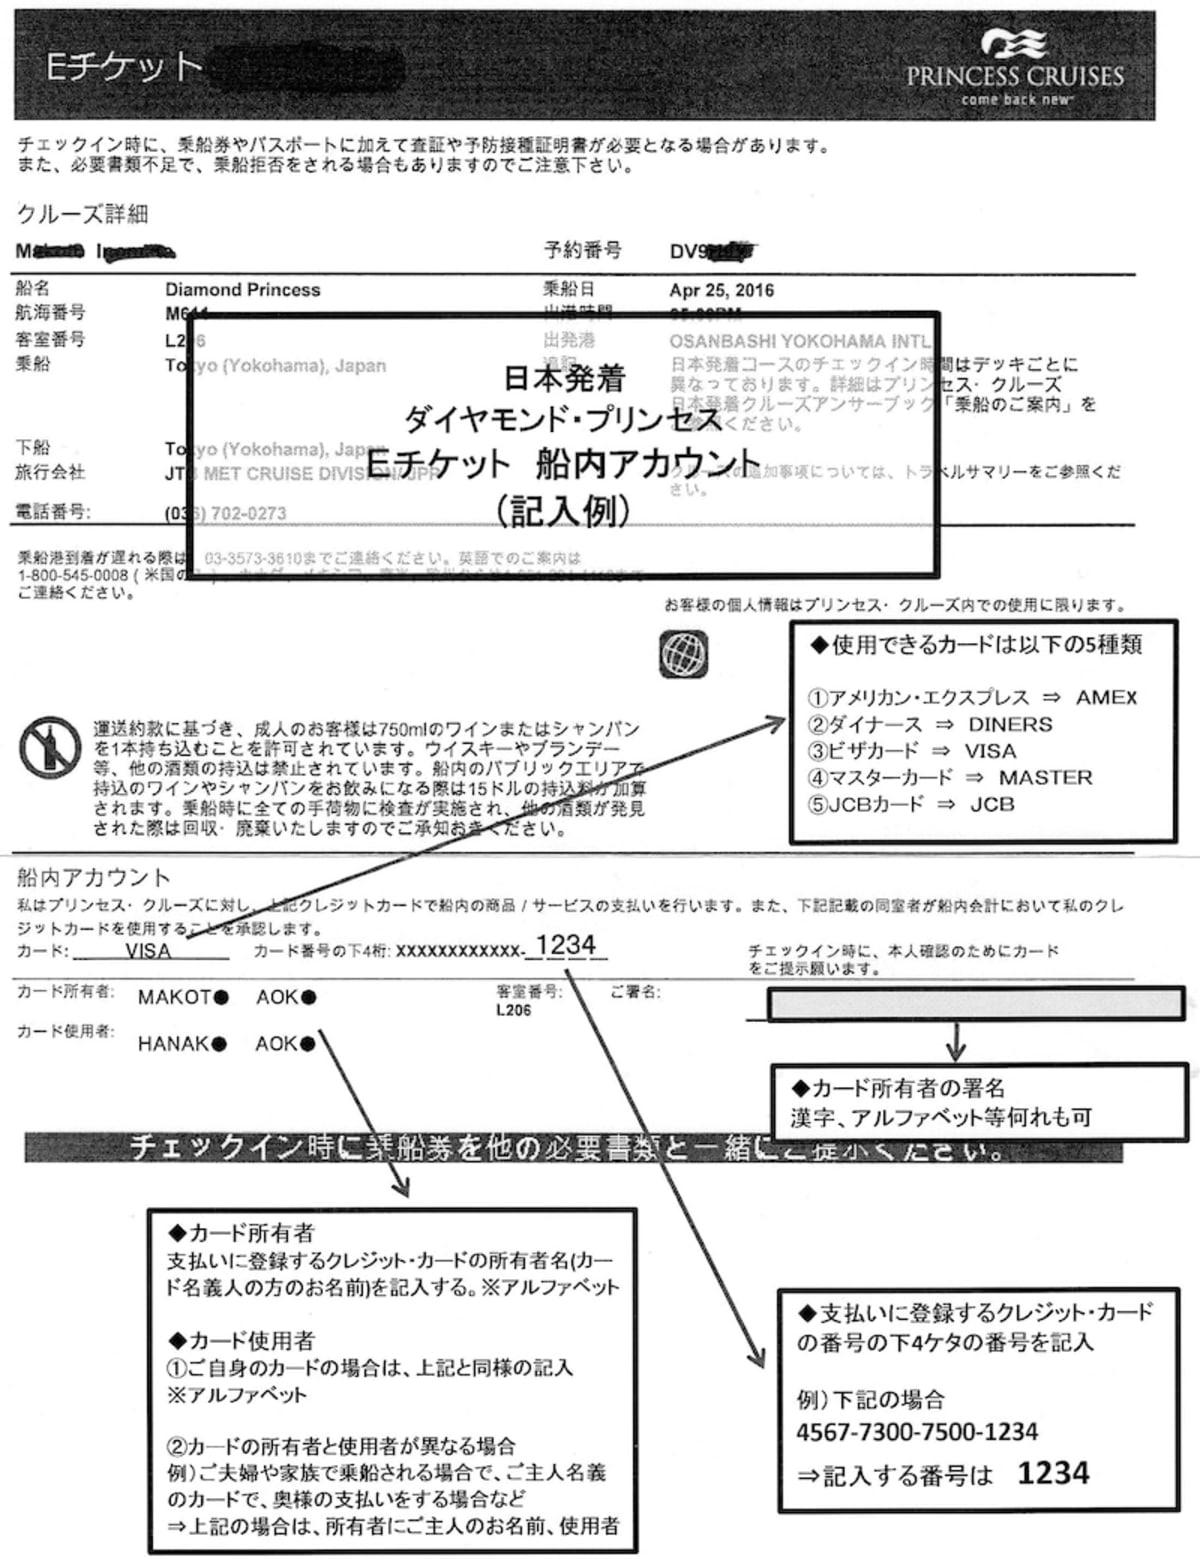 ダイヤモンドプリンセスのEチケット(乗船券)・バゲージタグ